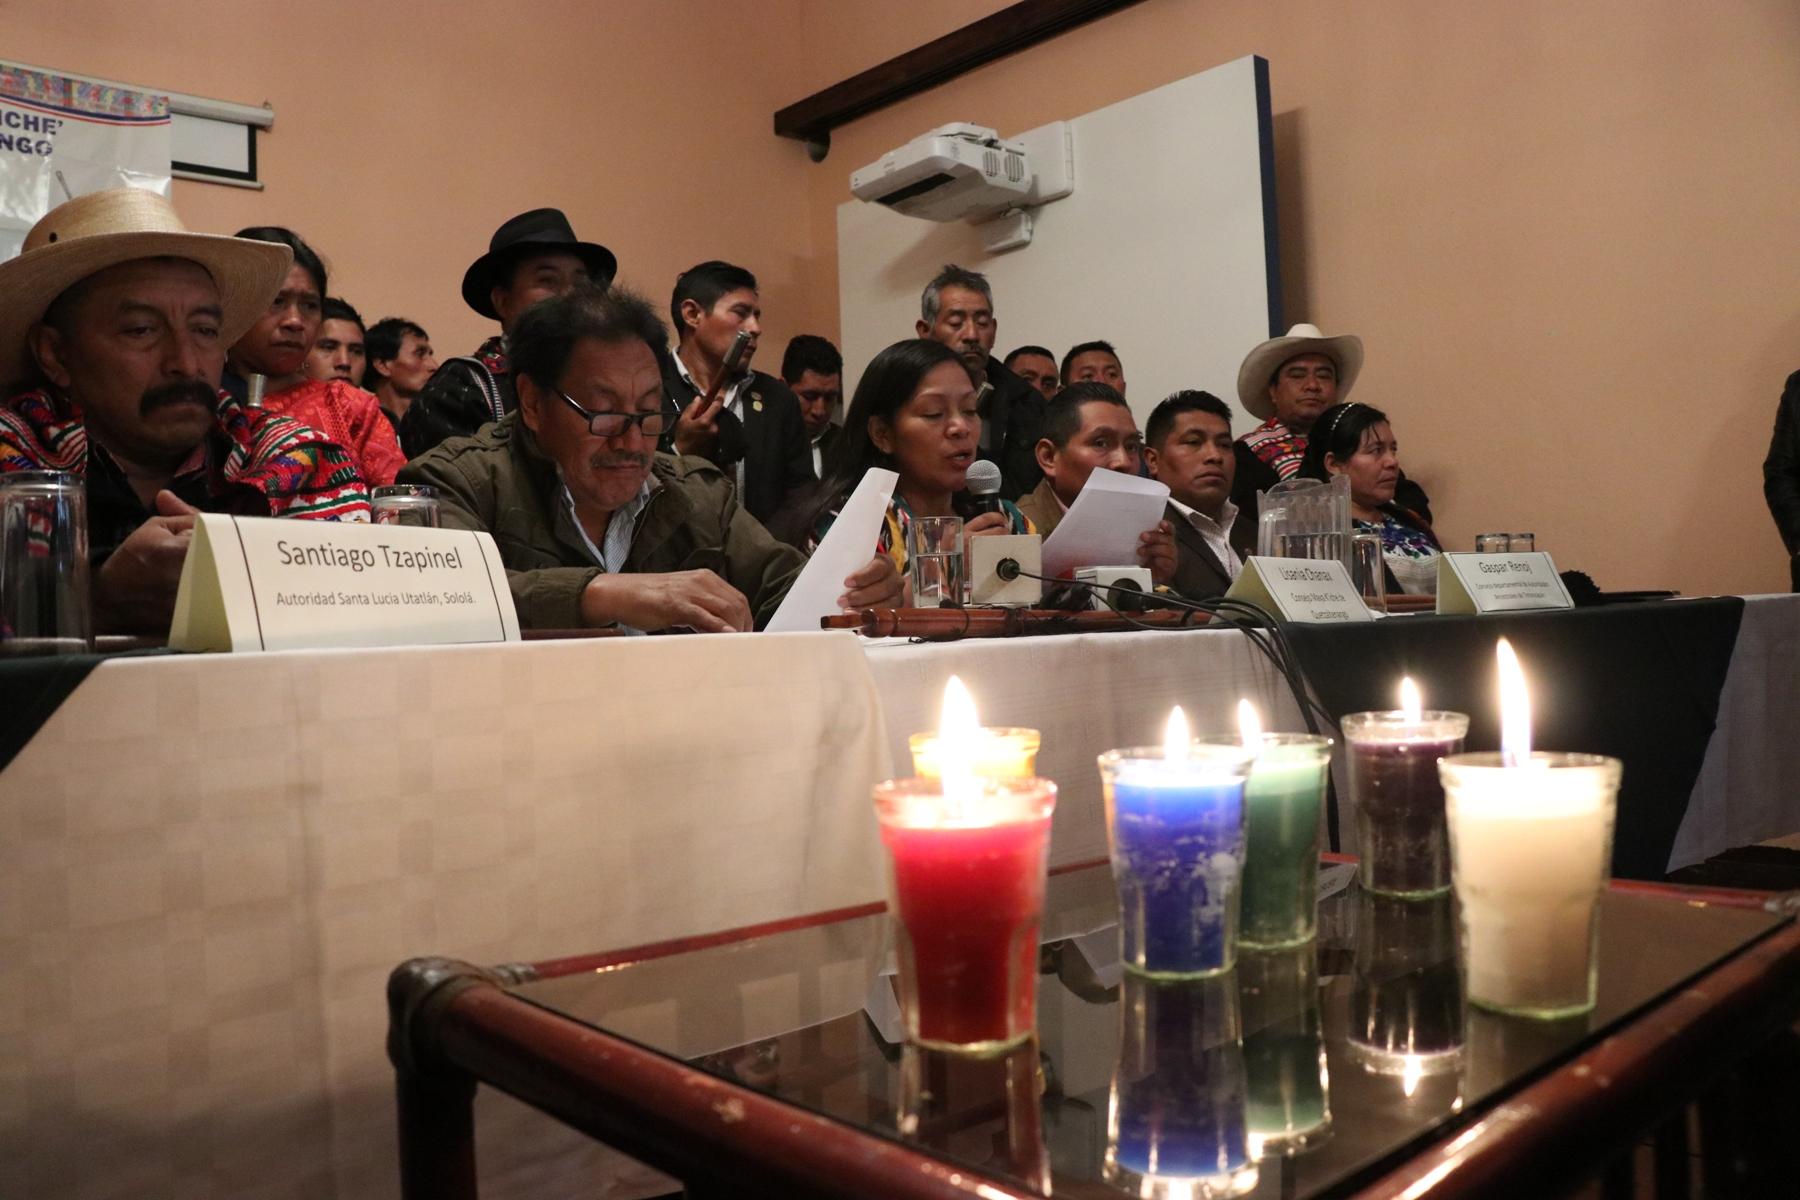 Autoridades ancestrales advierten a candidatos sobre las disposiciones en sus comunidades. (Foto Prensa Libre: María Longo)